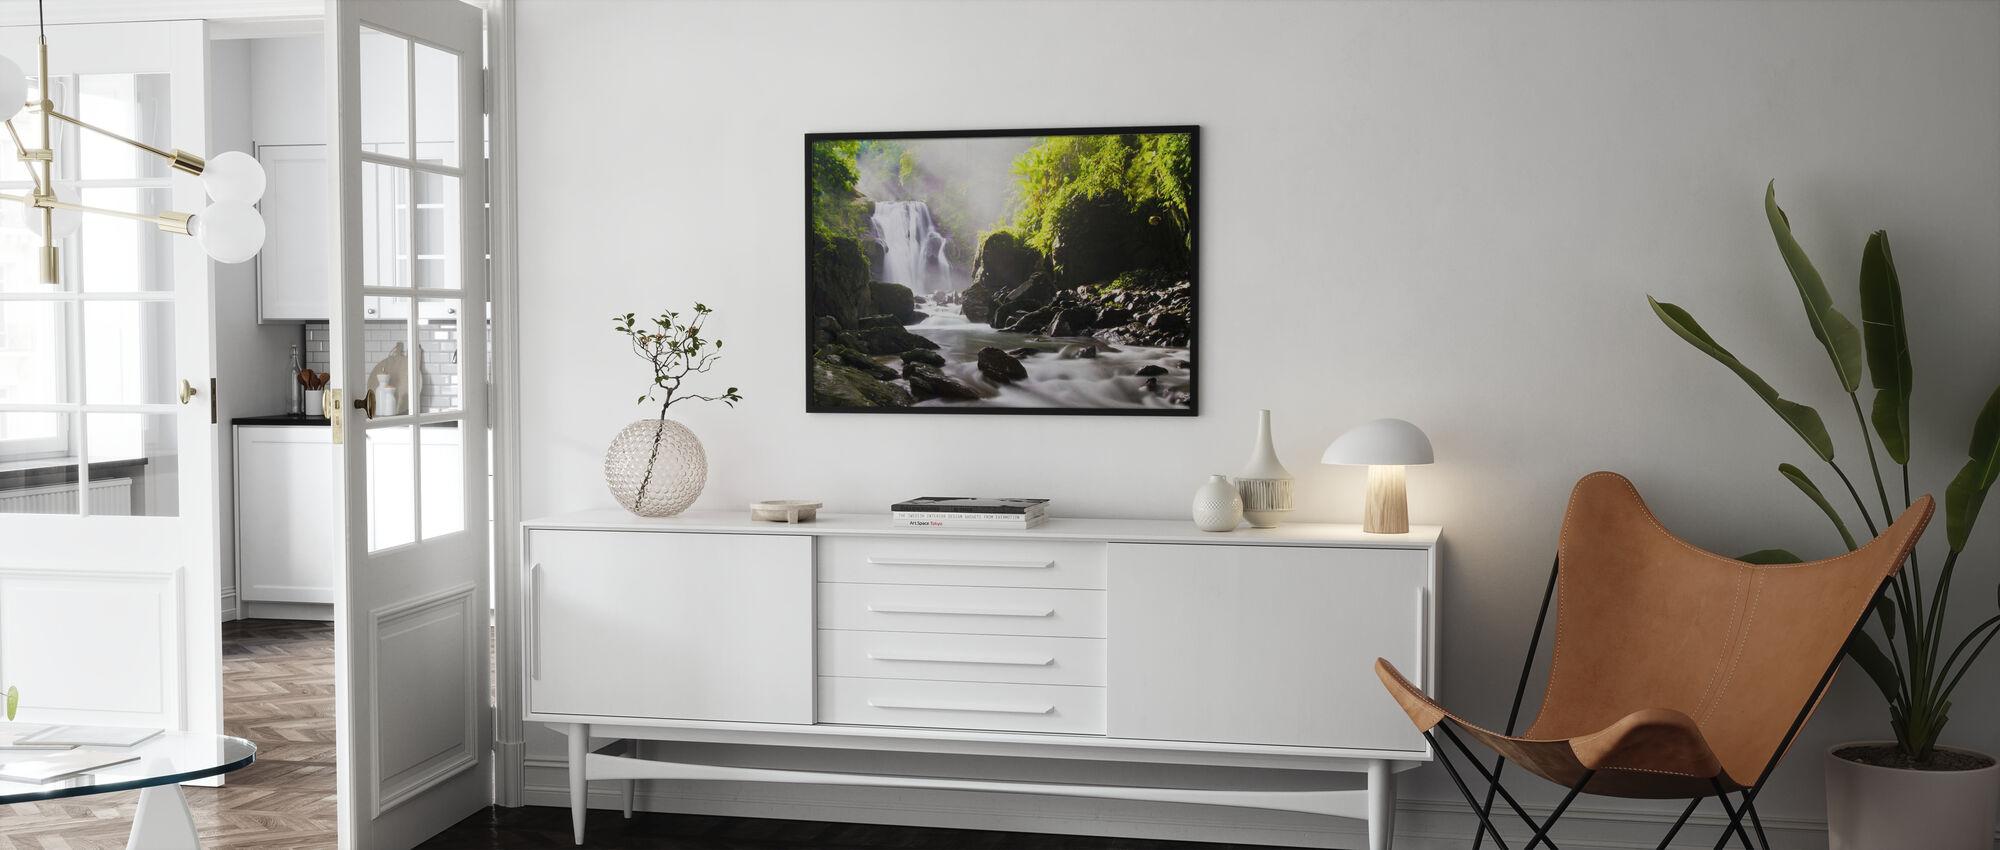 Sonnenstrahlen über Wasserfall - Poster - Wohnzimmer